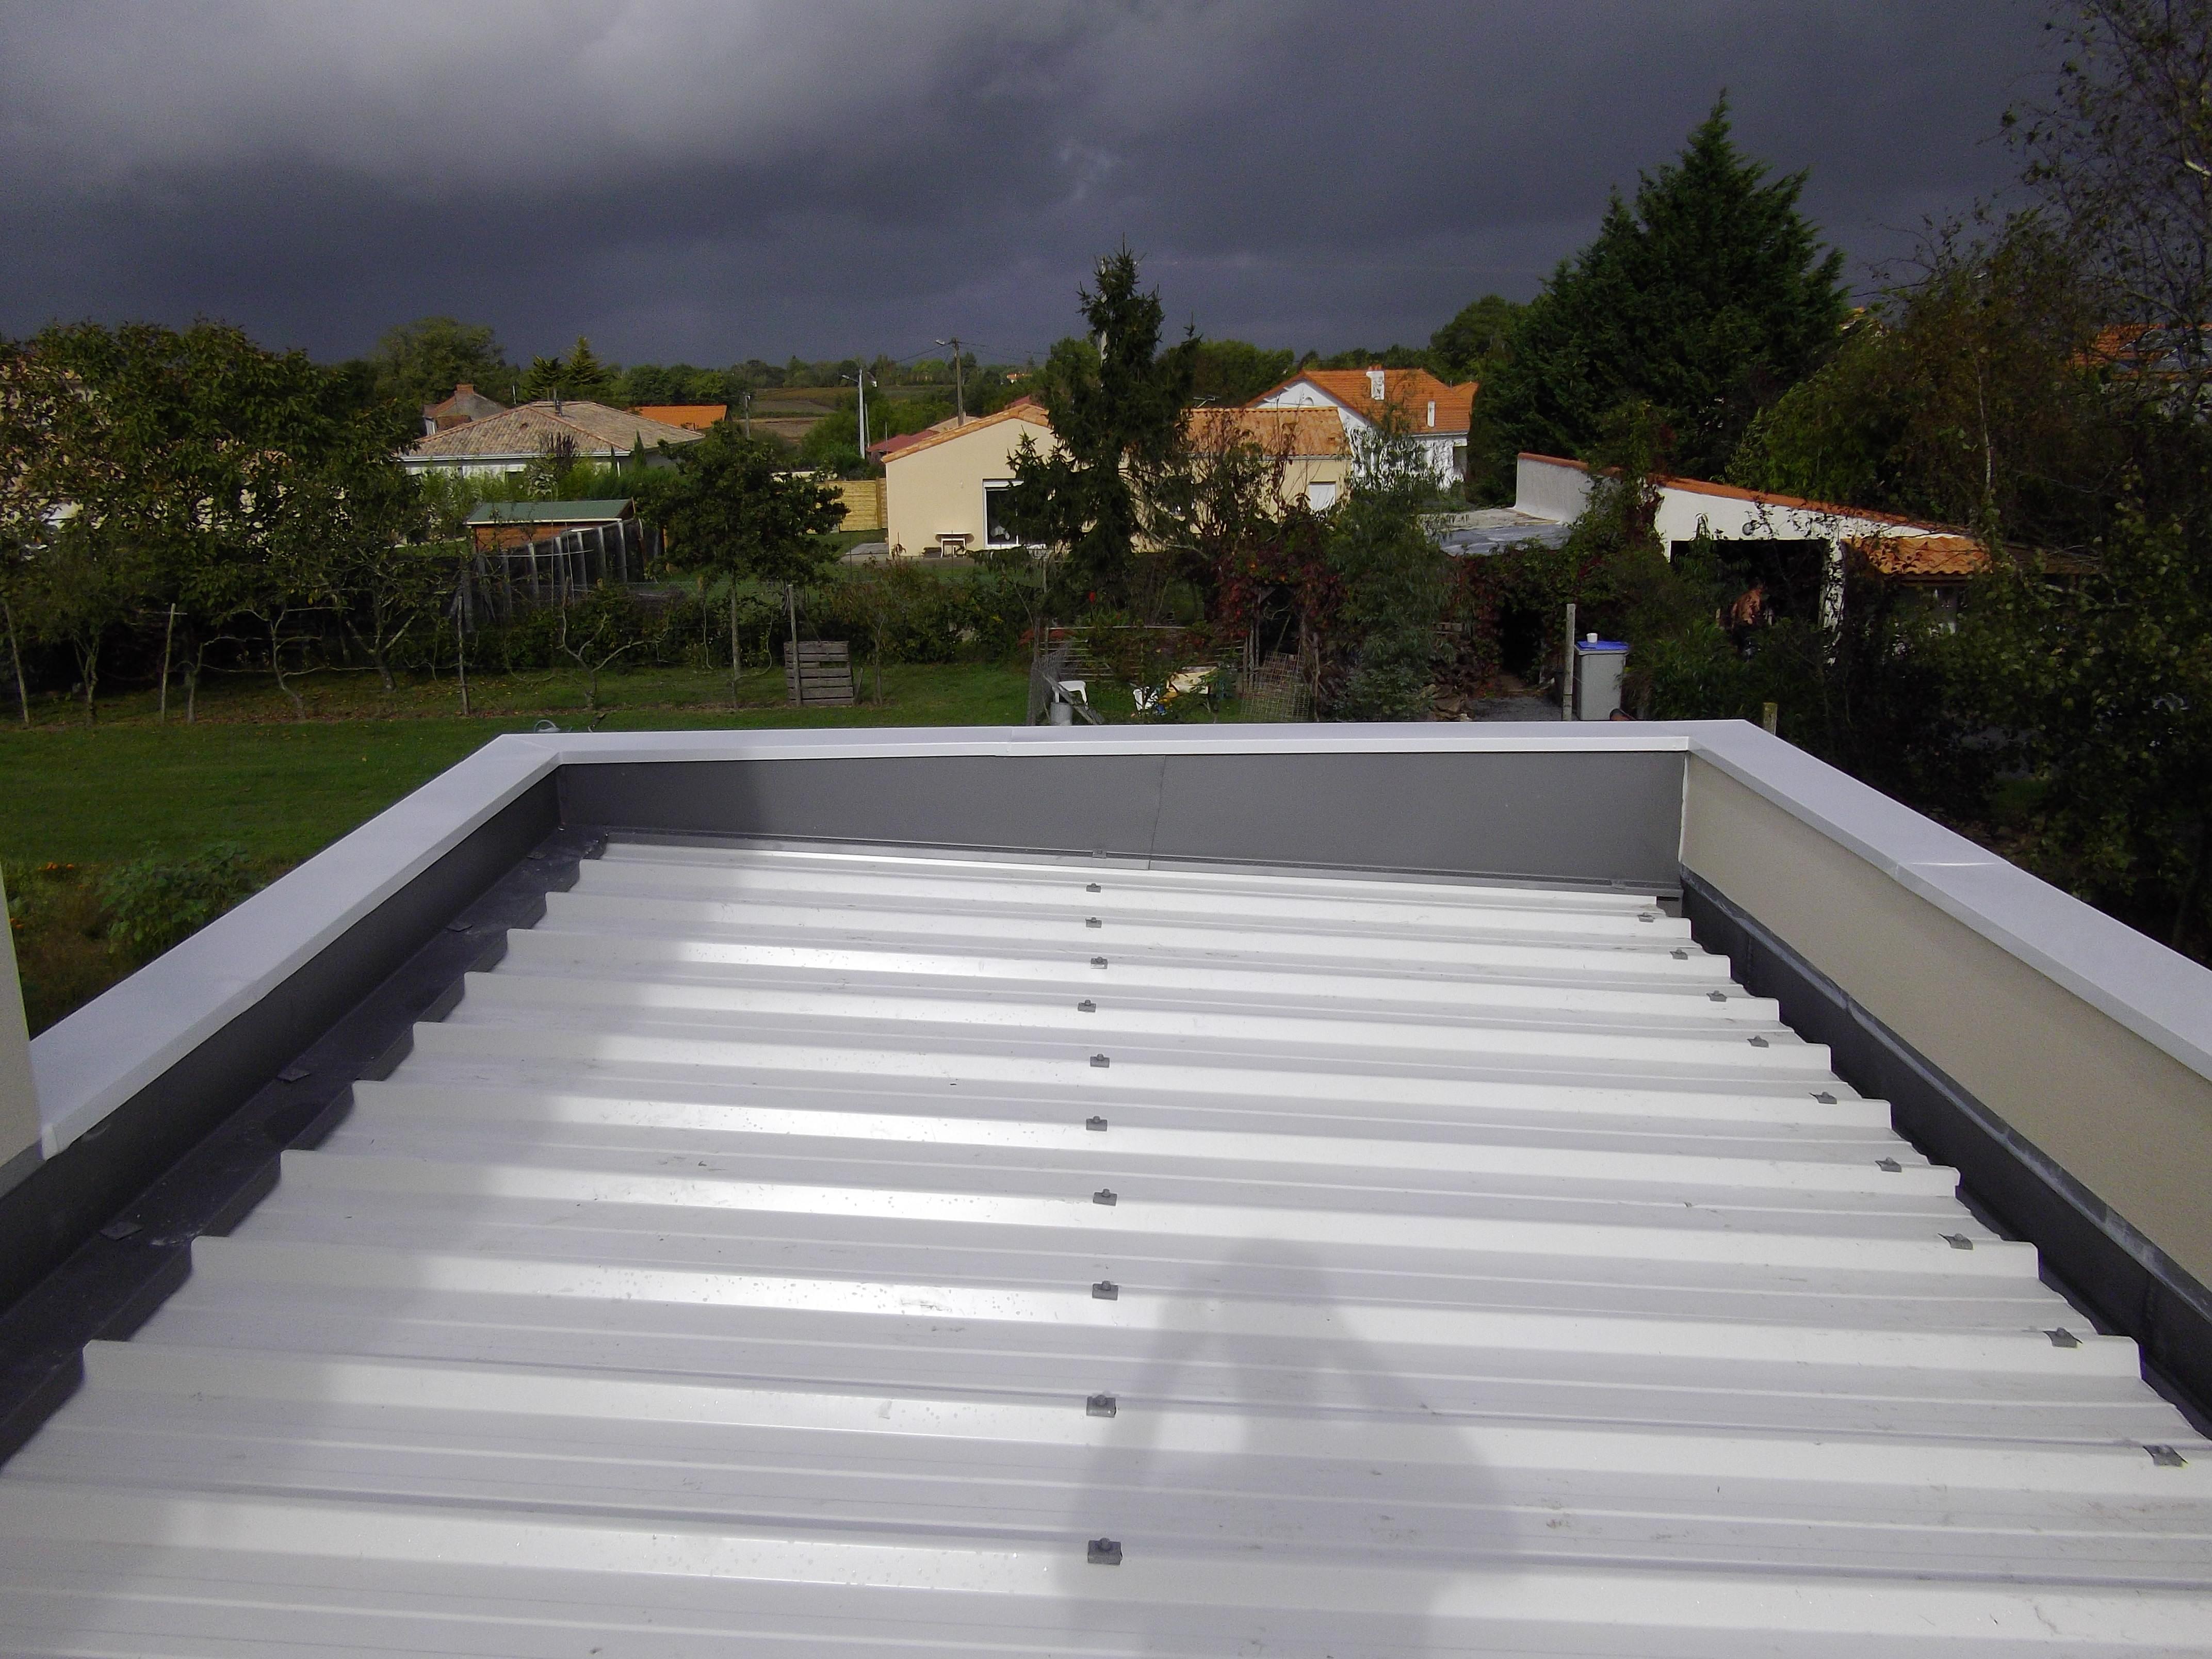 Acrotère Toit Plat - Couvertine Alu - Au Bac D'eau Nantes encequiconcerne Acrotere Toit Plat